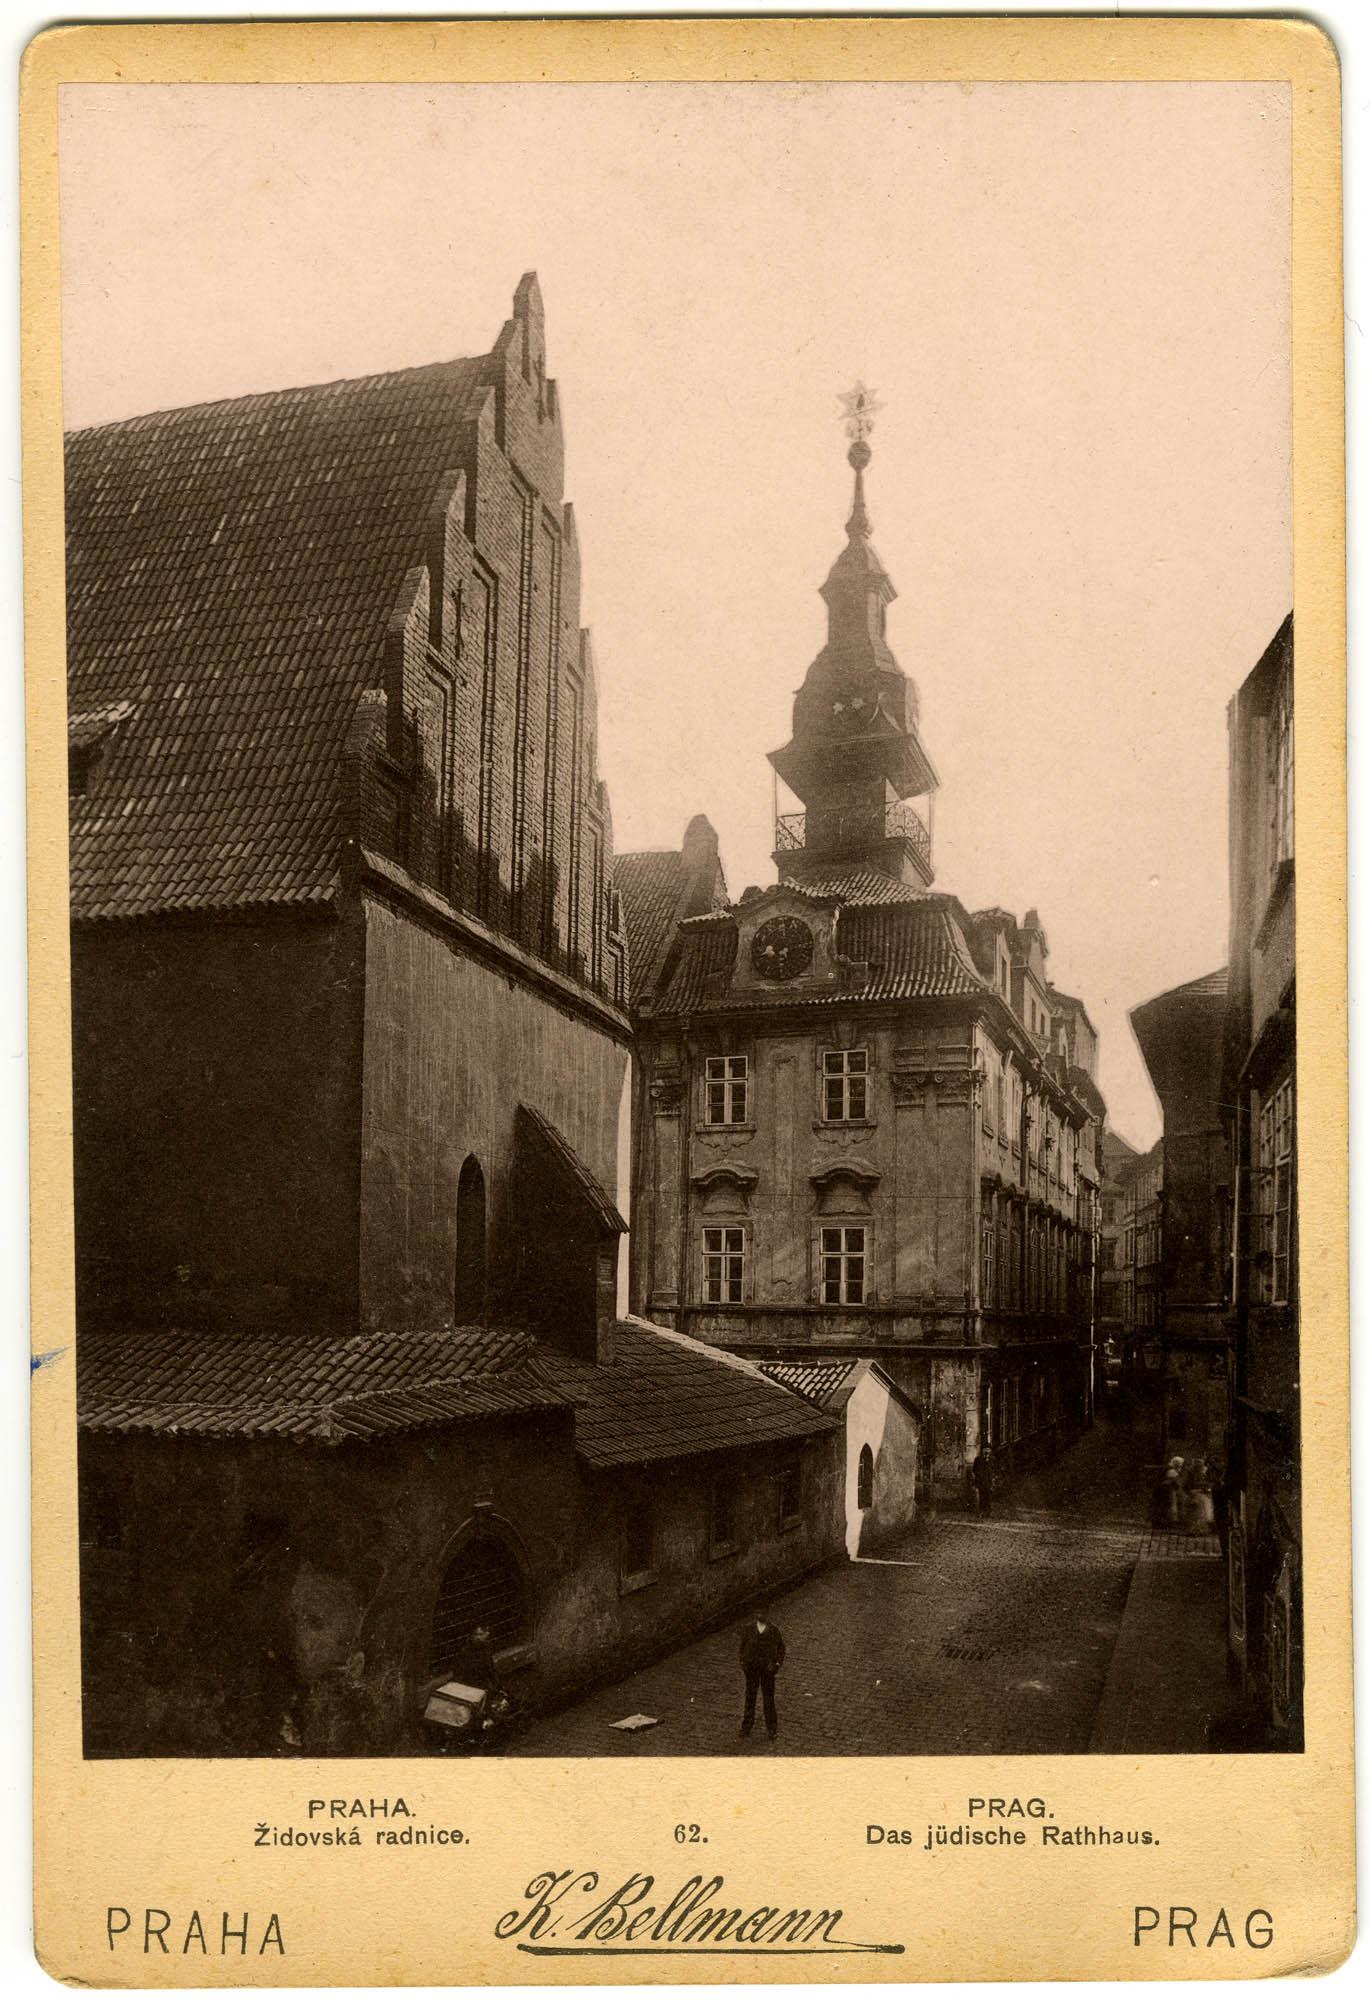 PRAHA. Židovská radnice. / PRAG. Das jüdische Rathaus.